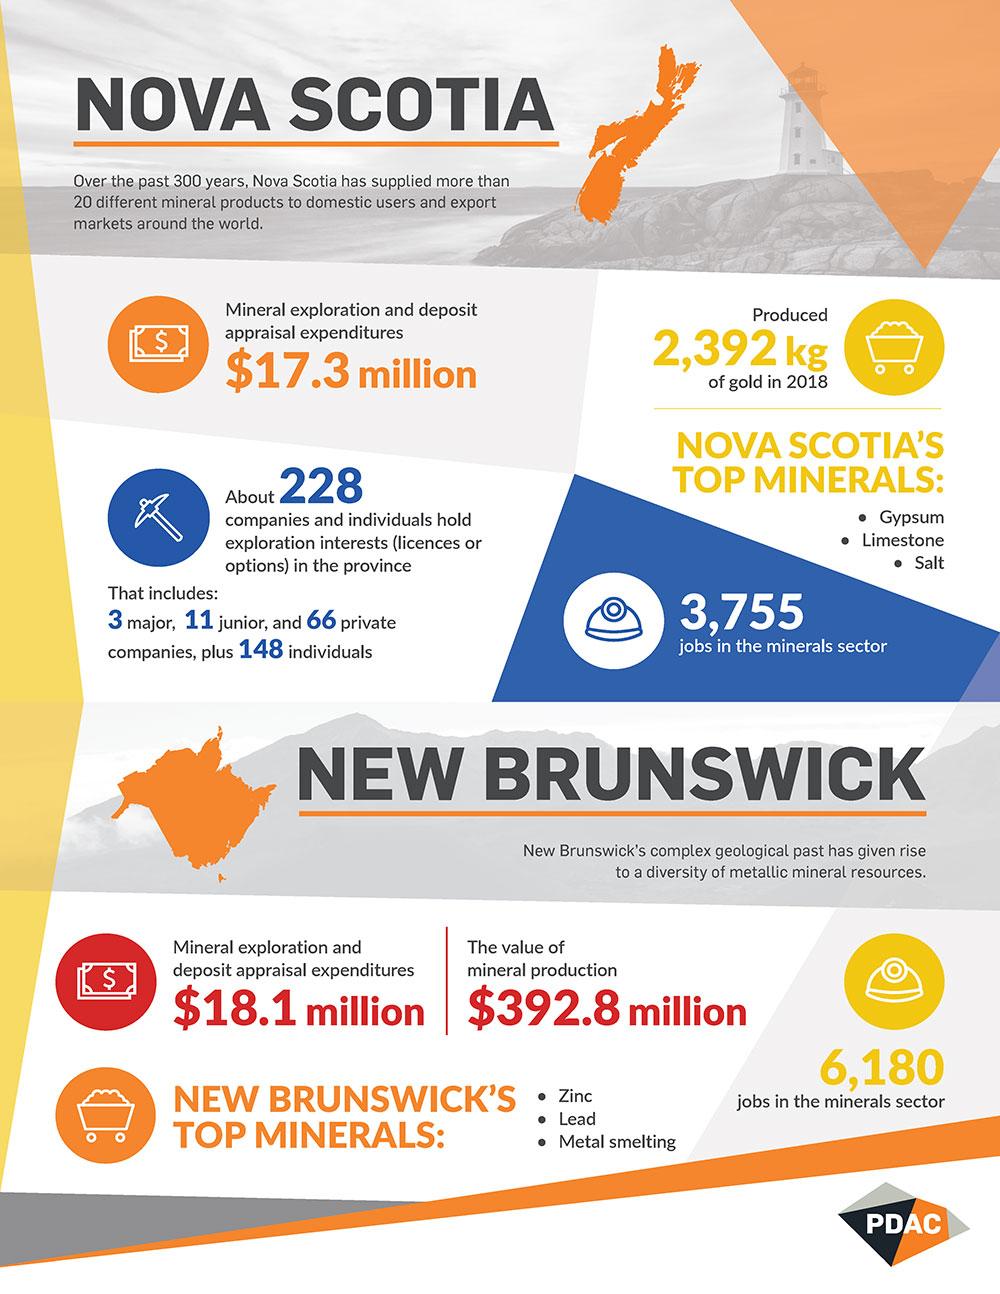 Nova-Scotia-and-New-Brunswick